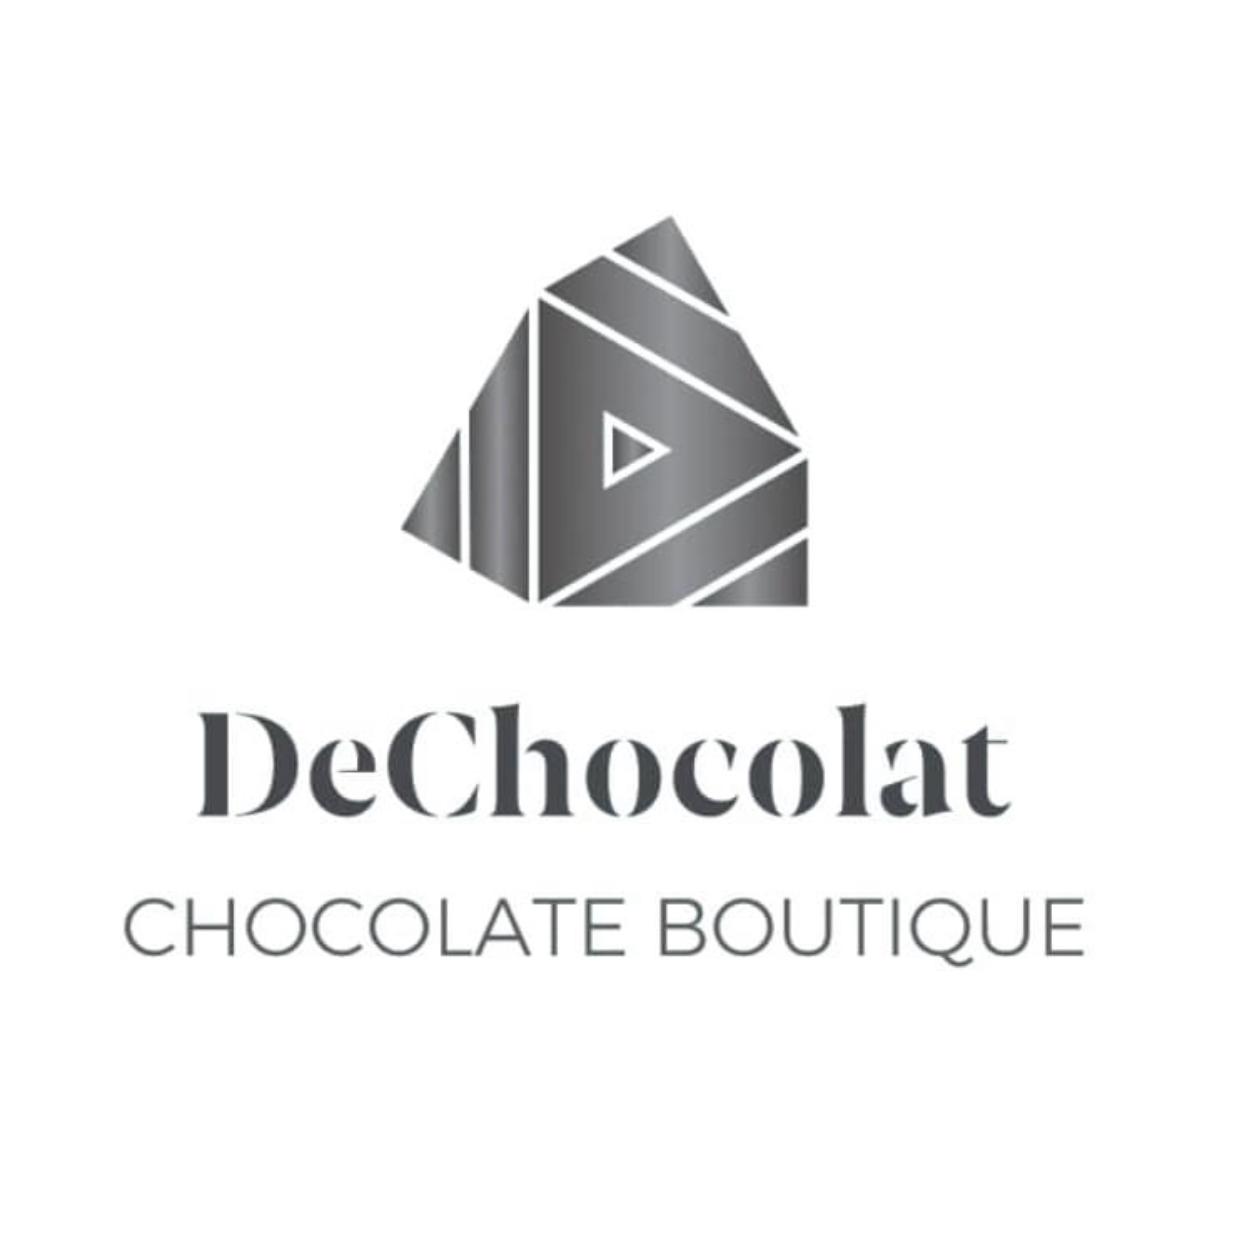 Dechocolat